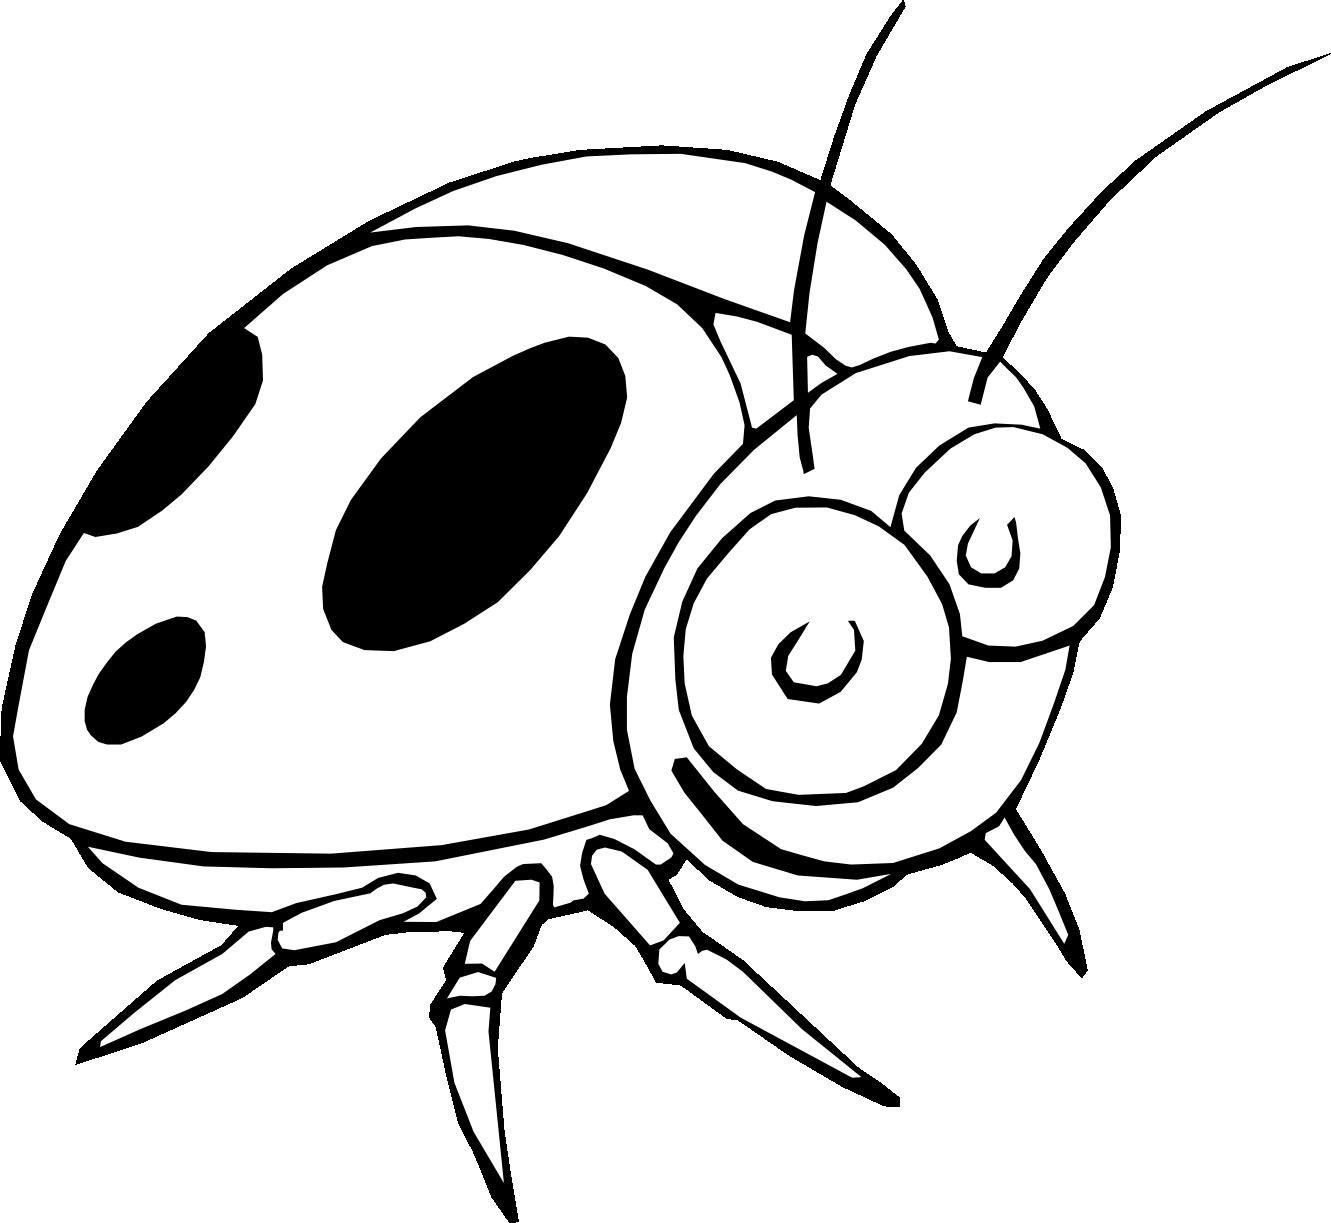 Line Art Flower Vector : Ladybug black white line art flower scalable vector